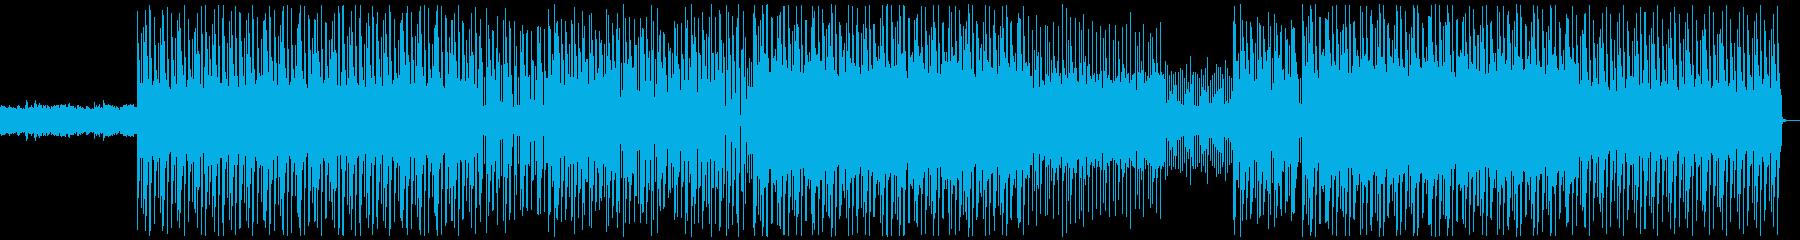 マリンバが印象的アクションゲーム風BGMの再生済みの波形